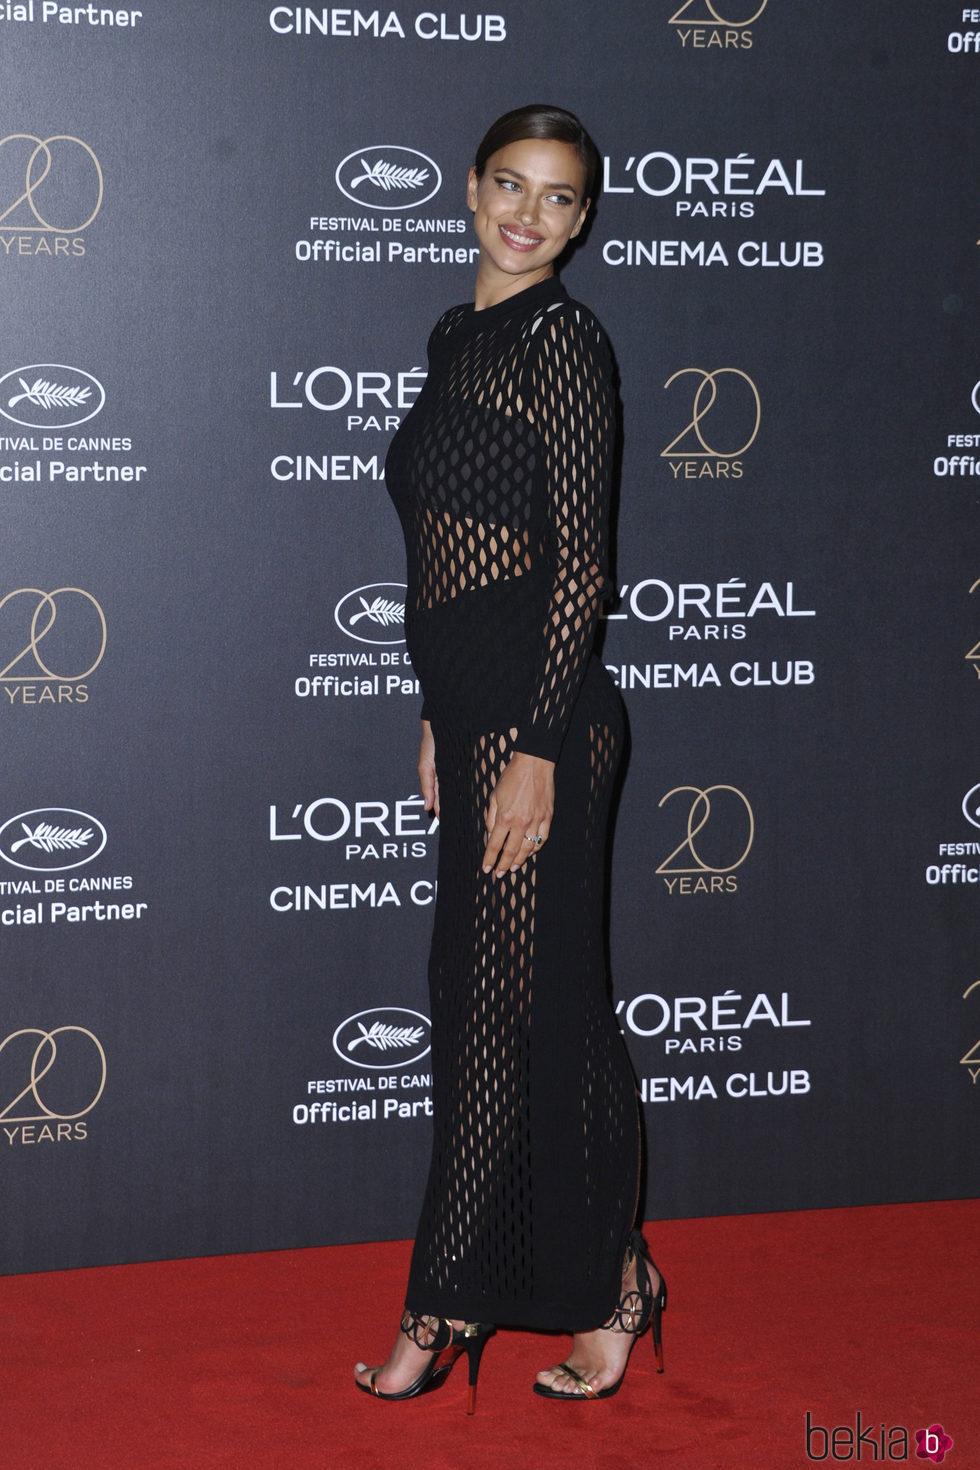 Irina Shayk luciendo figura dos meses después de haber sido madre en la fiesta L'Oreal de Cannes 2017